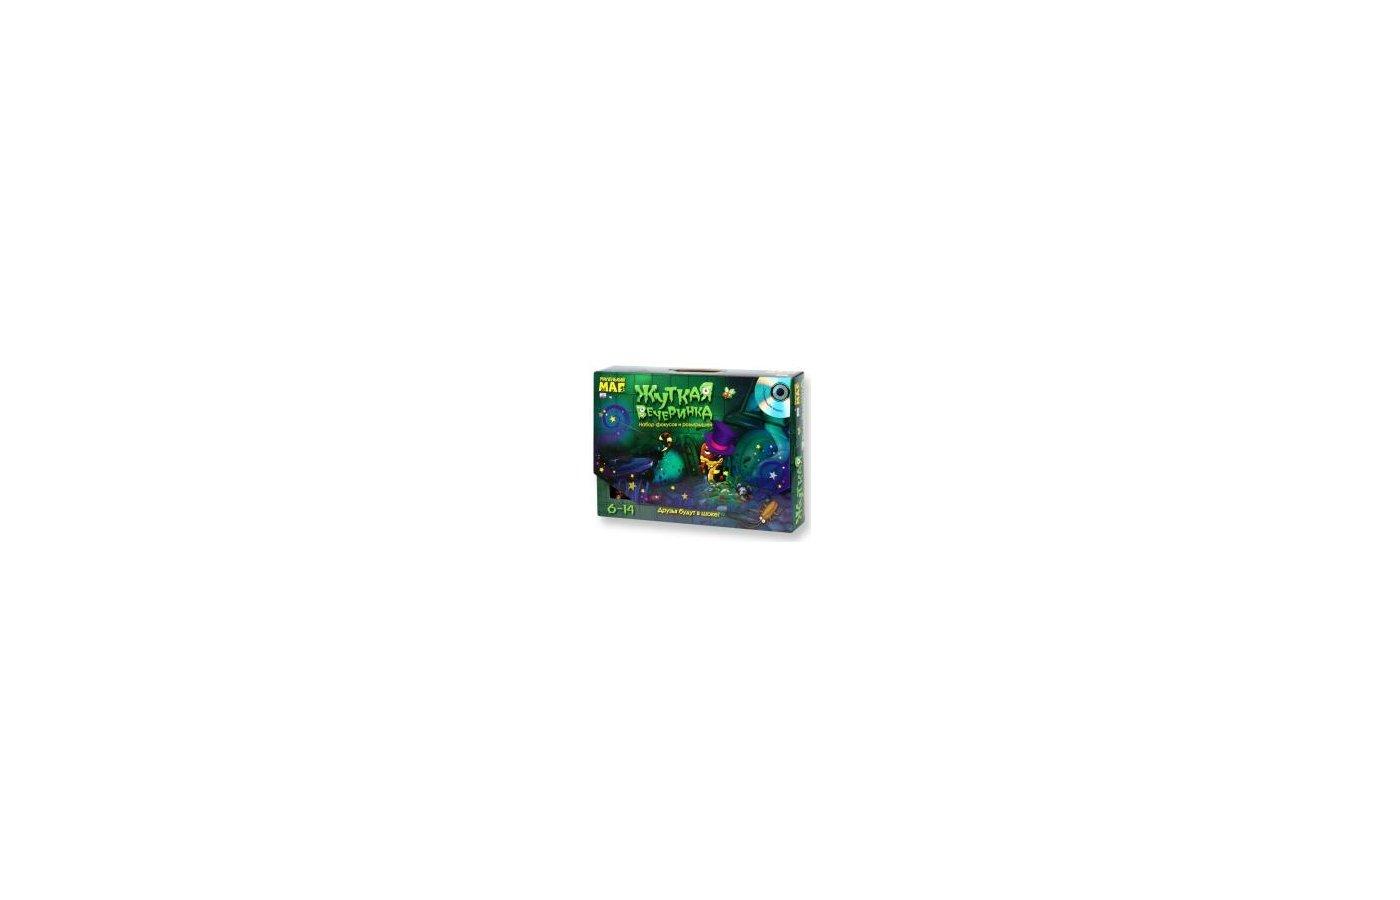 Маленький маг MLM1702-112 Жуткая вечеринка, 49 фокусов и 13 розыгрышей,DVD